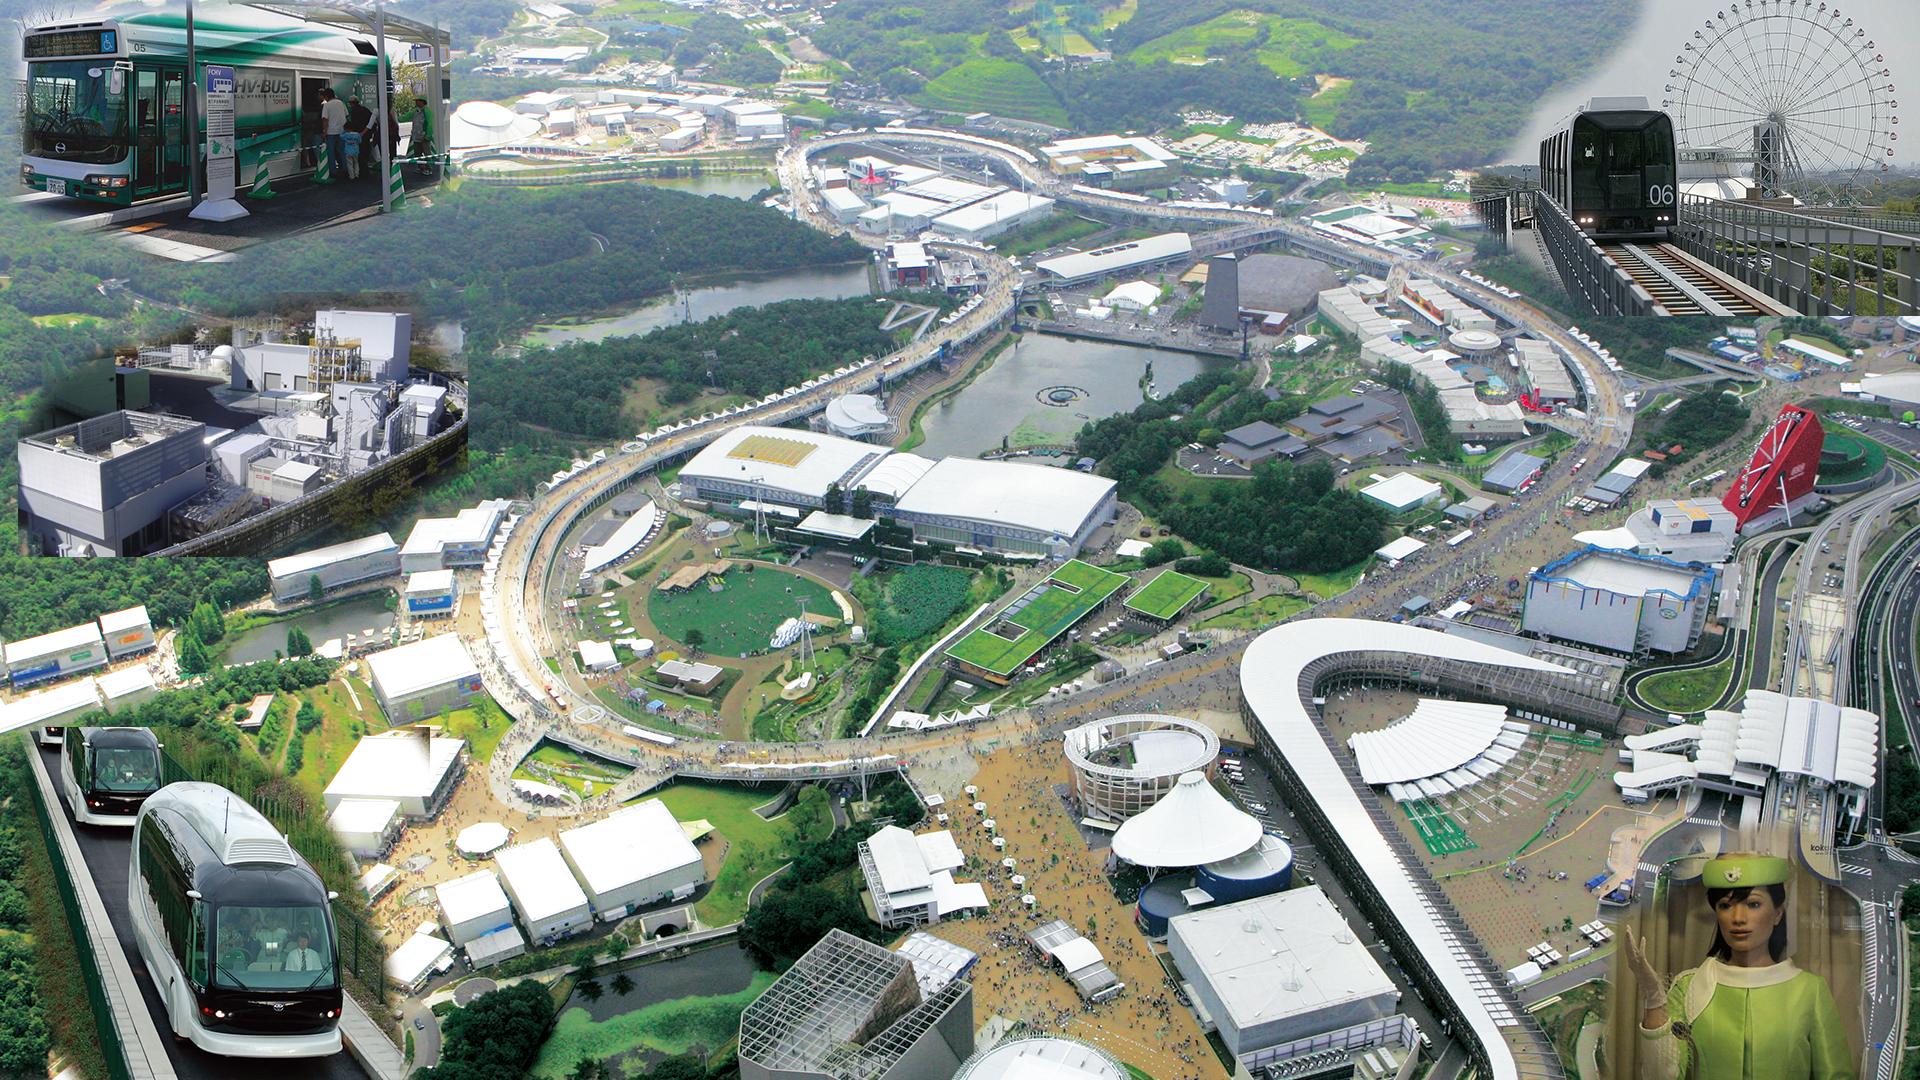 未来につながるECO技術-愛知県観光コンベンション課提供